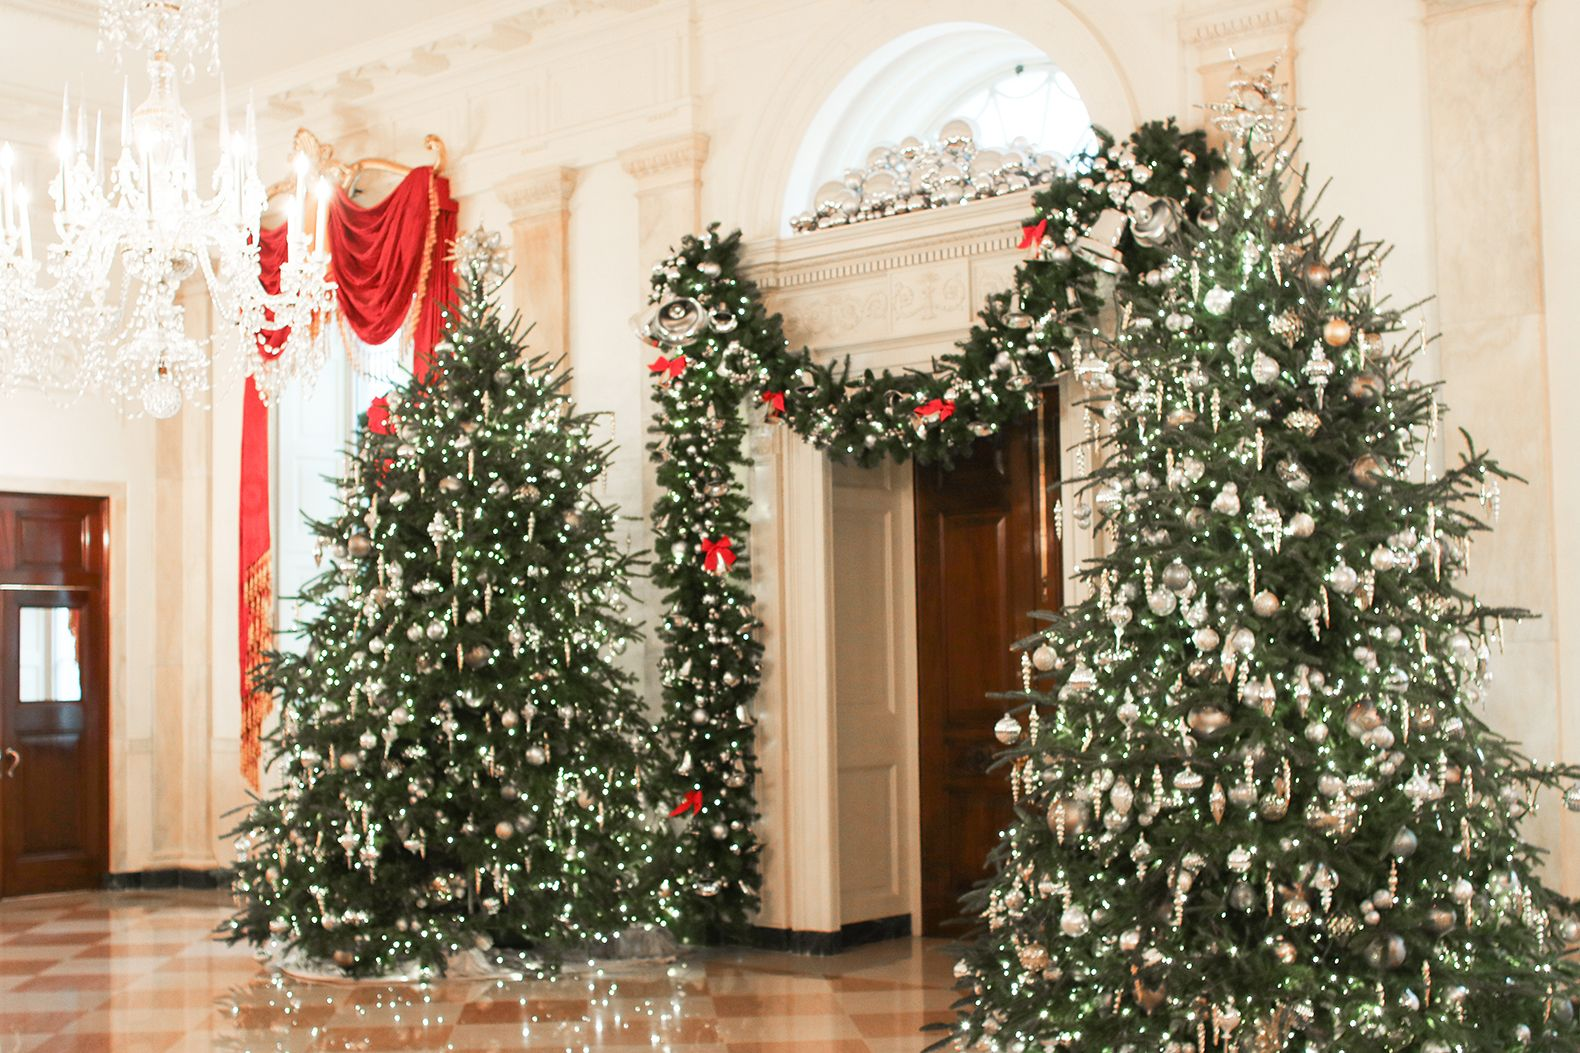 White House Holiday Decorations Meg Biram White House Christmas Tree White House Christmas White House Christmas Decorations